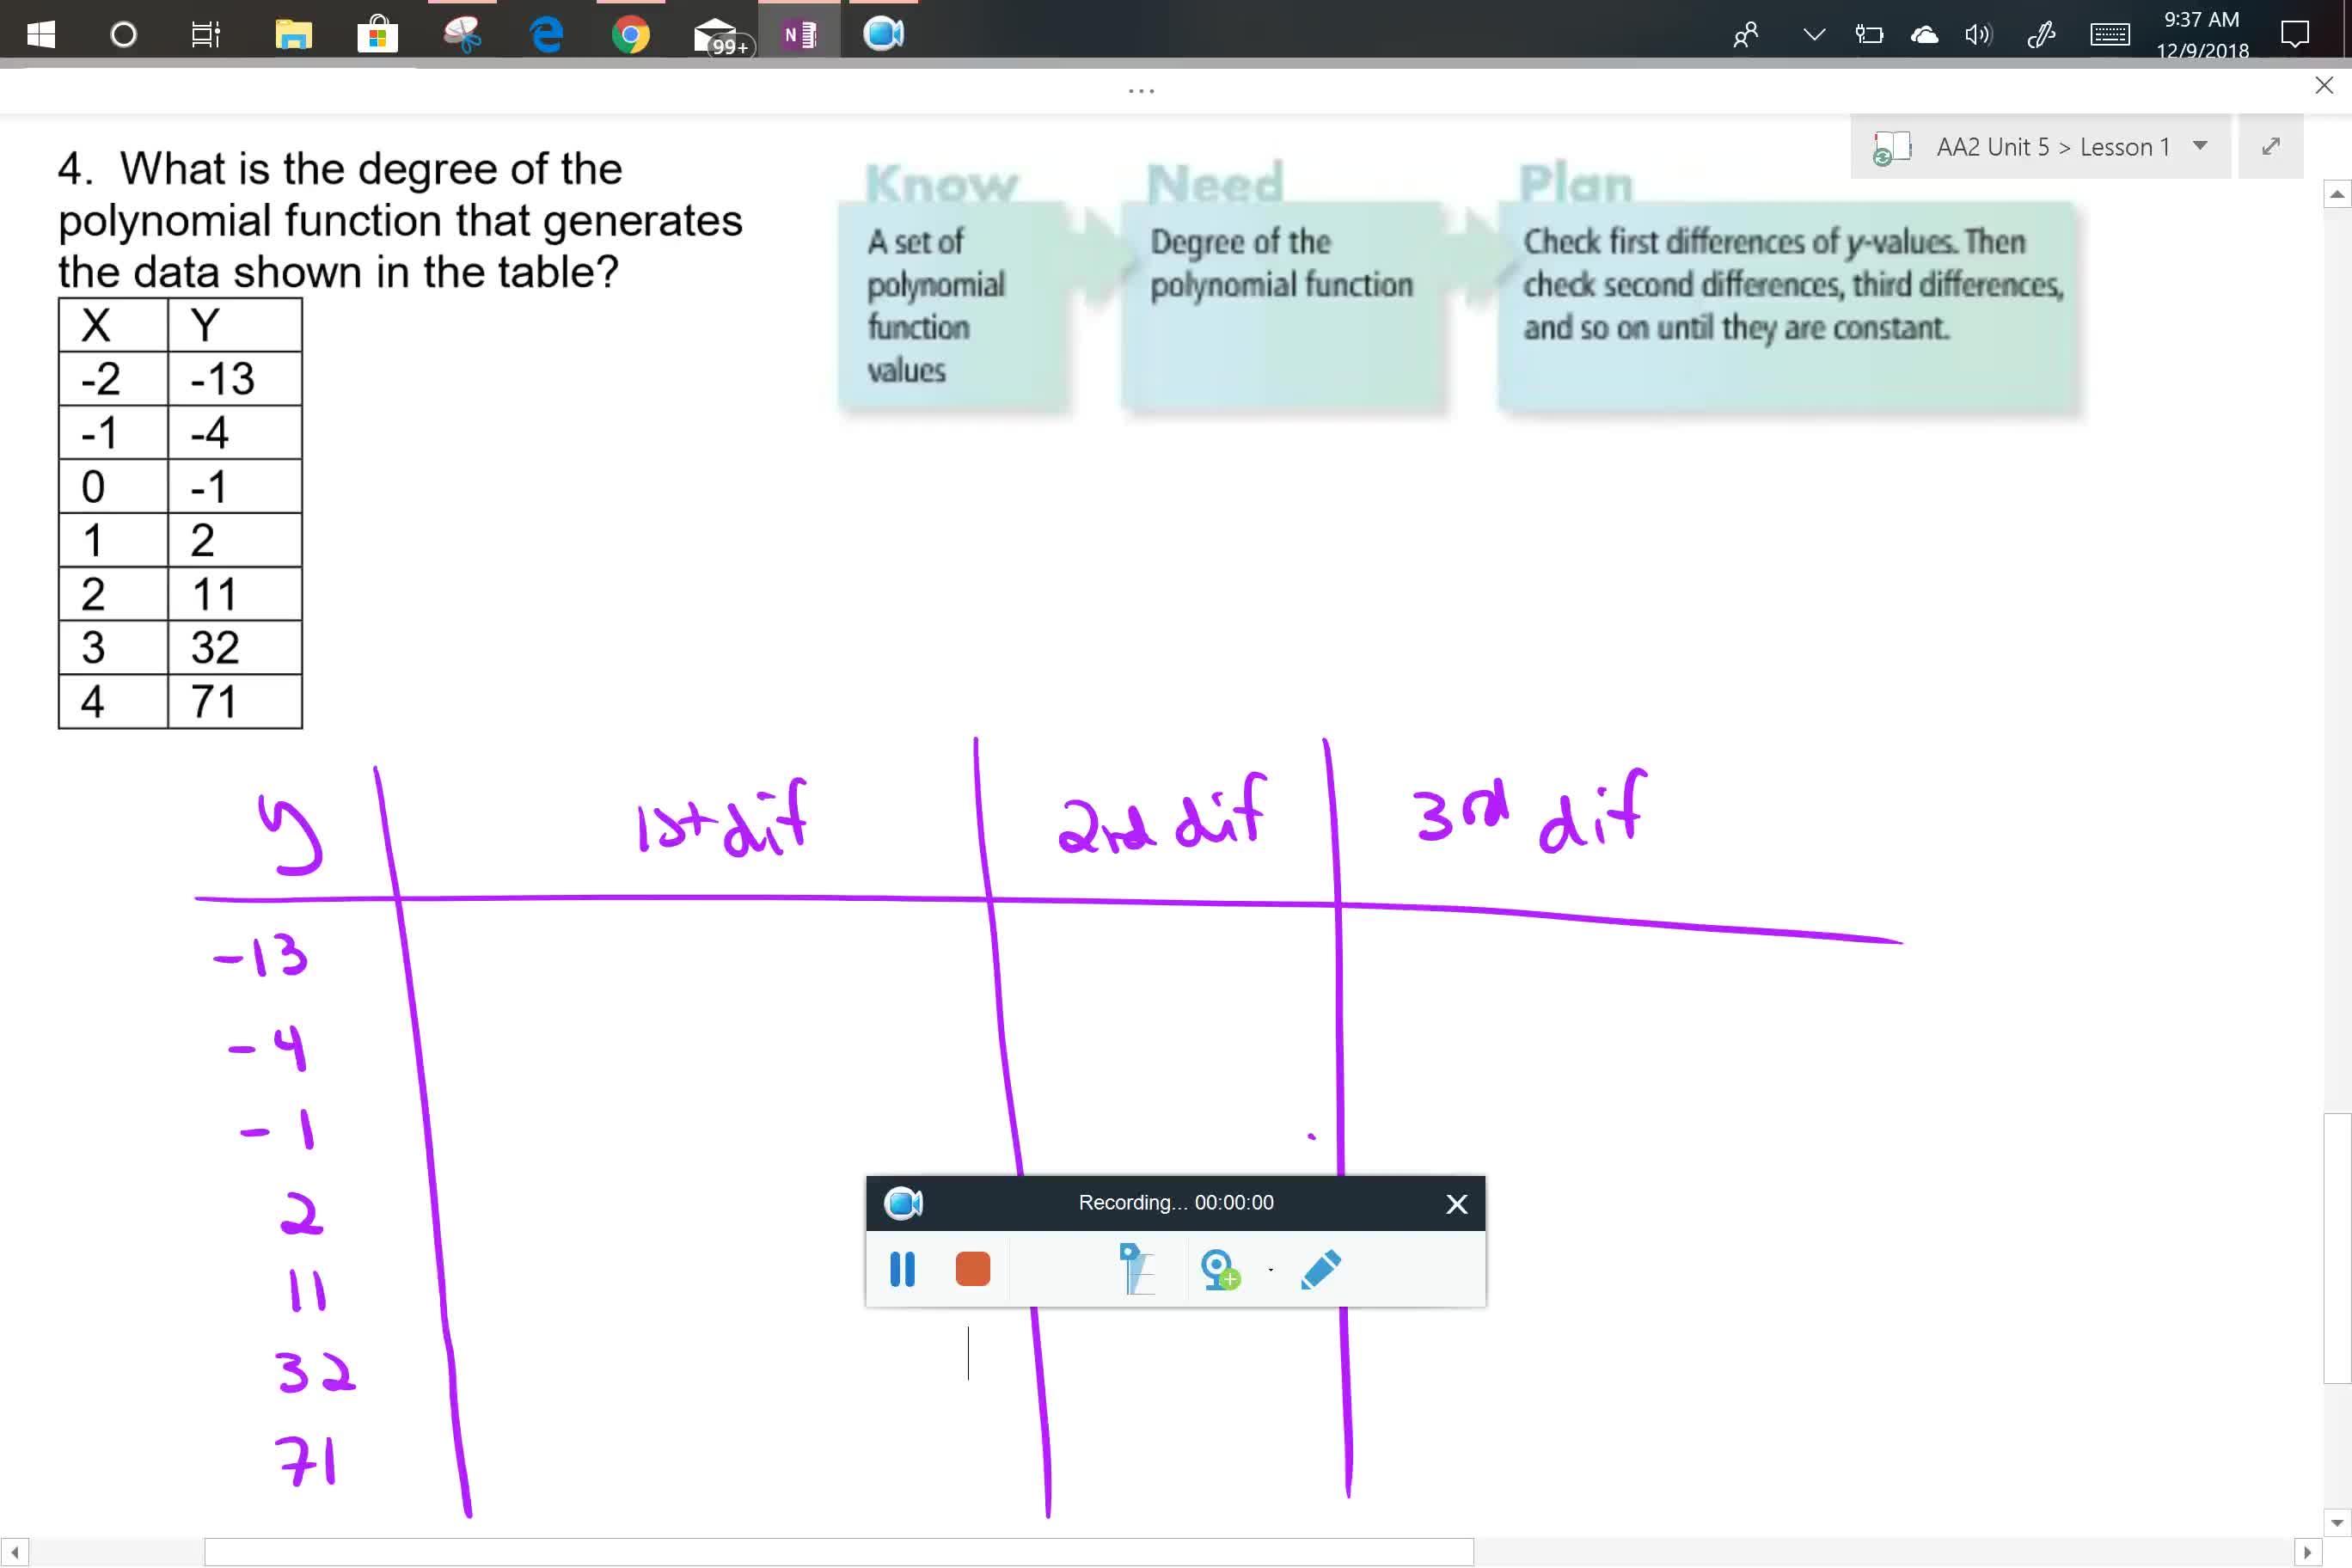 AA2 U5L1 Problem 4